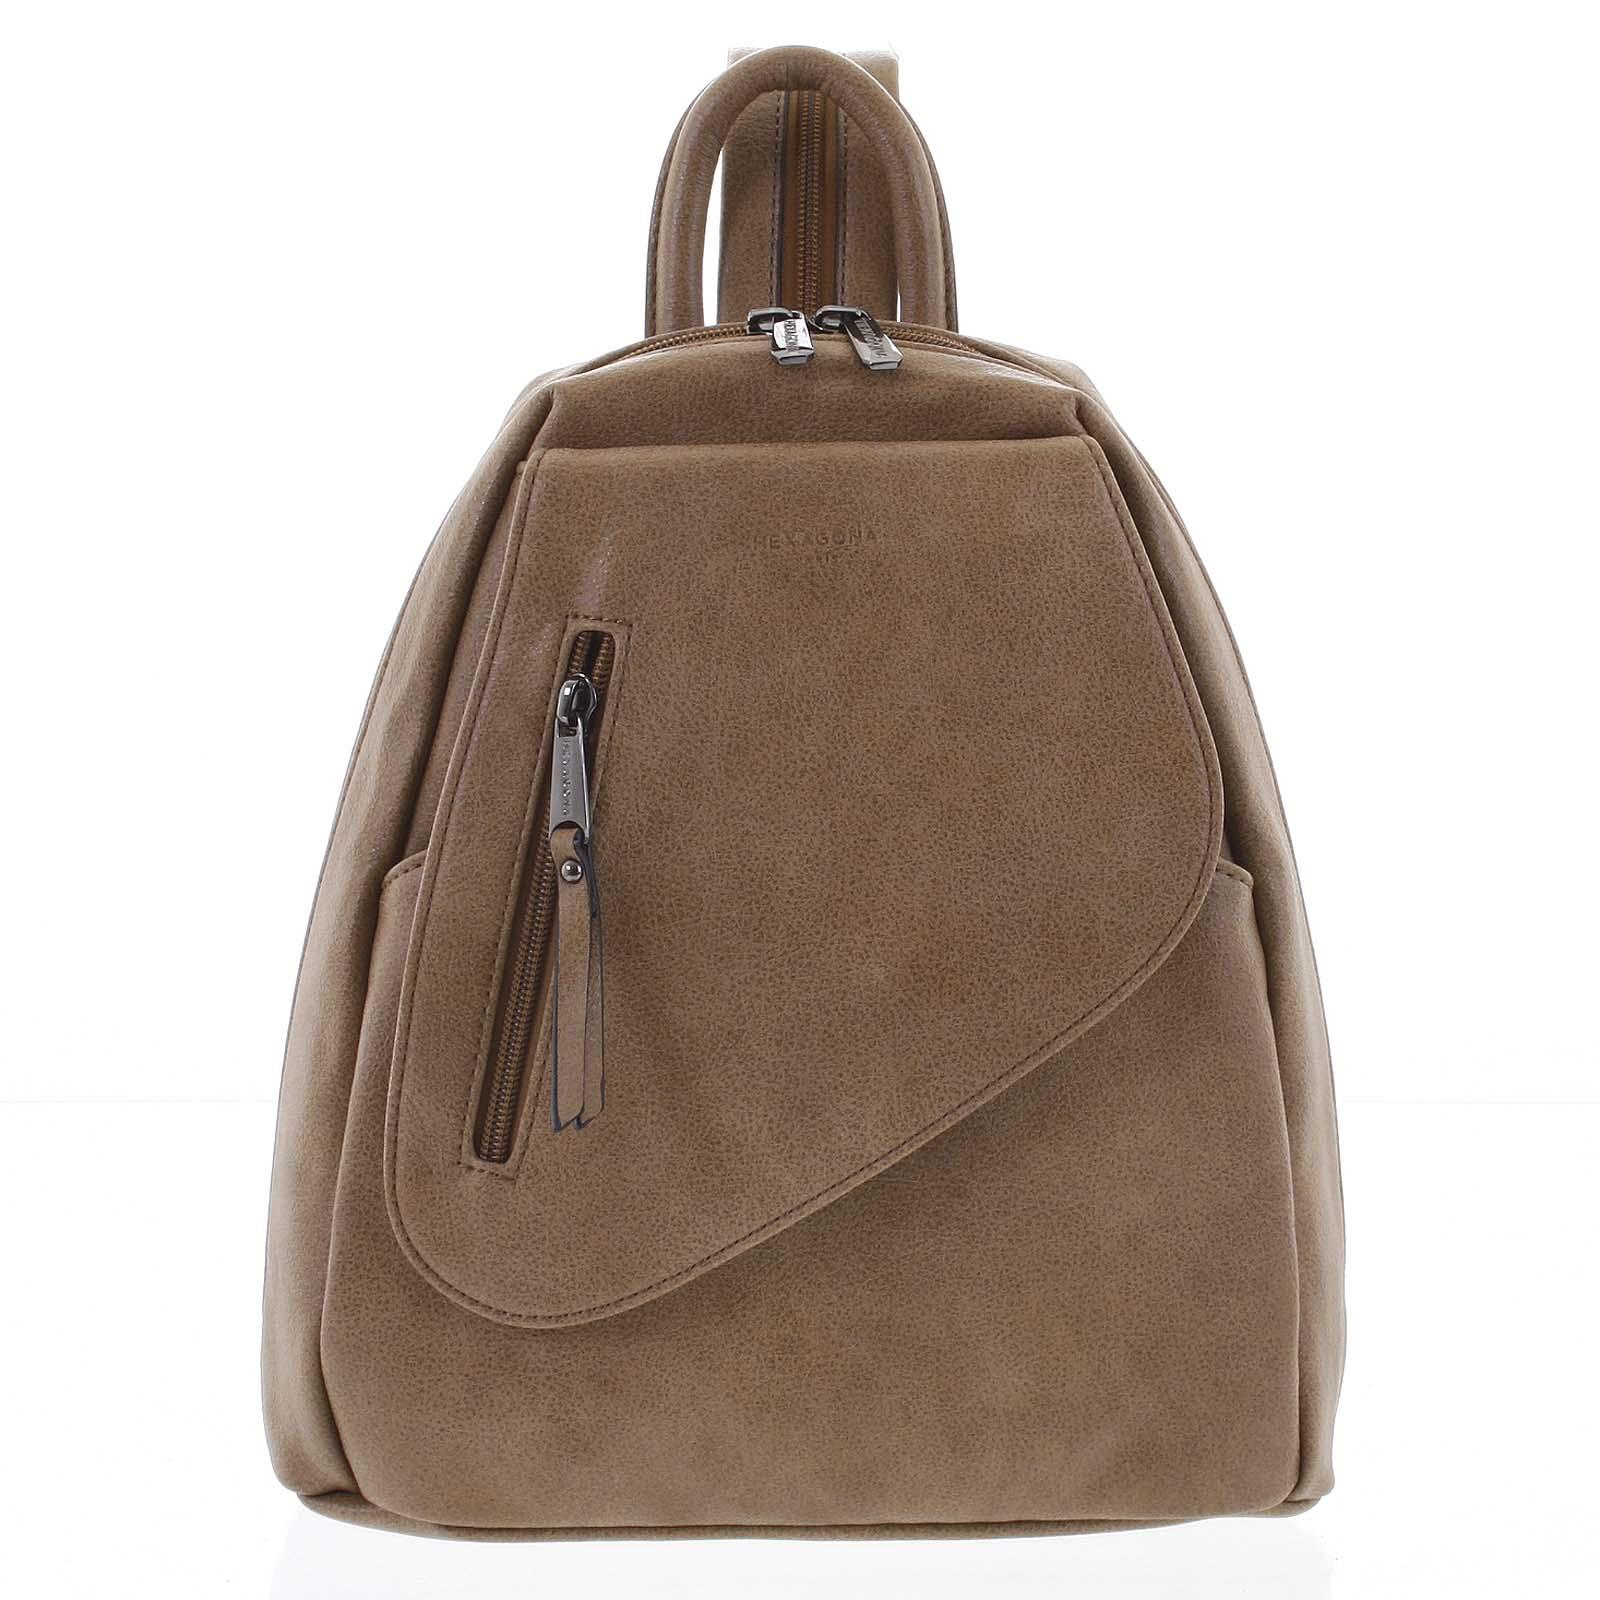 Módny dámsky orieškovo hnedý ruksak - Hexagona Pasha